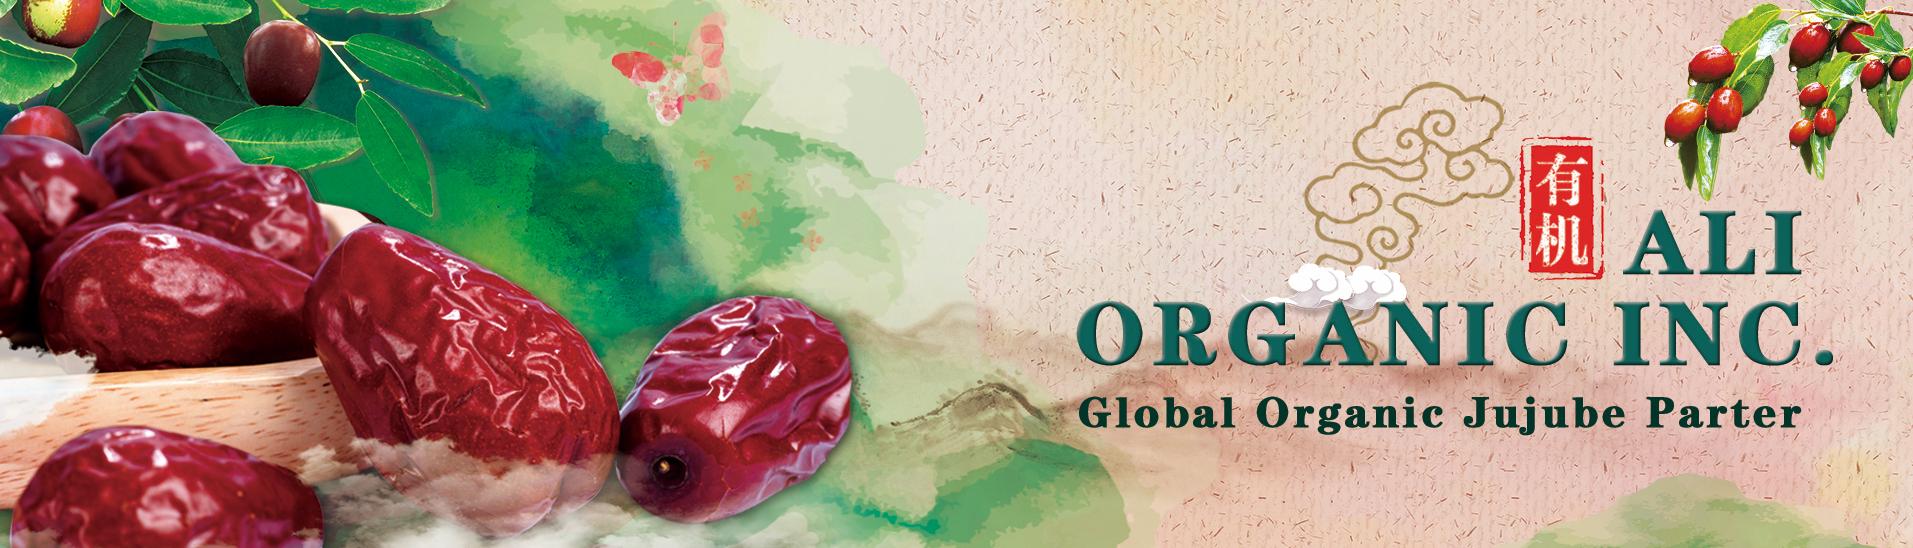 organic jujube